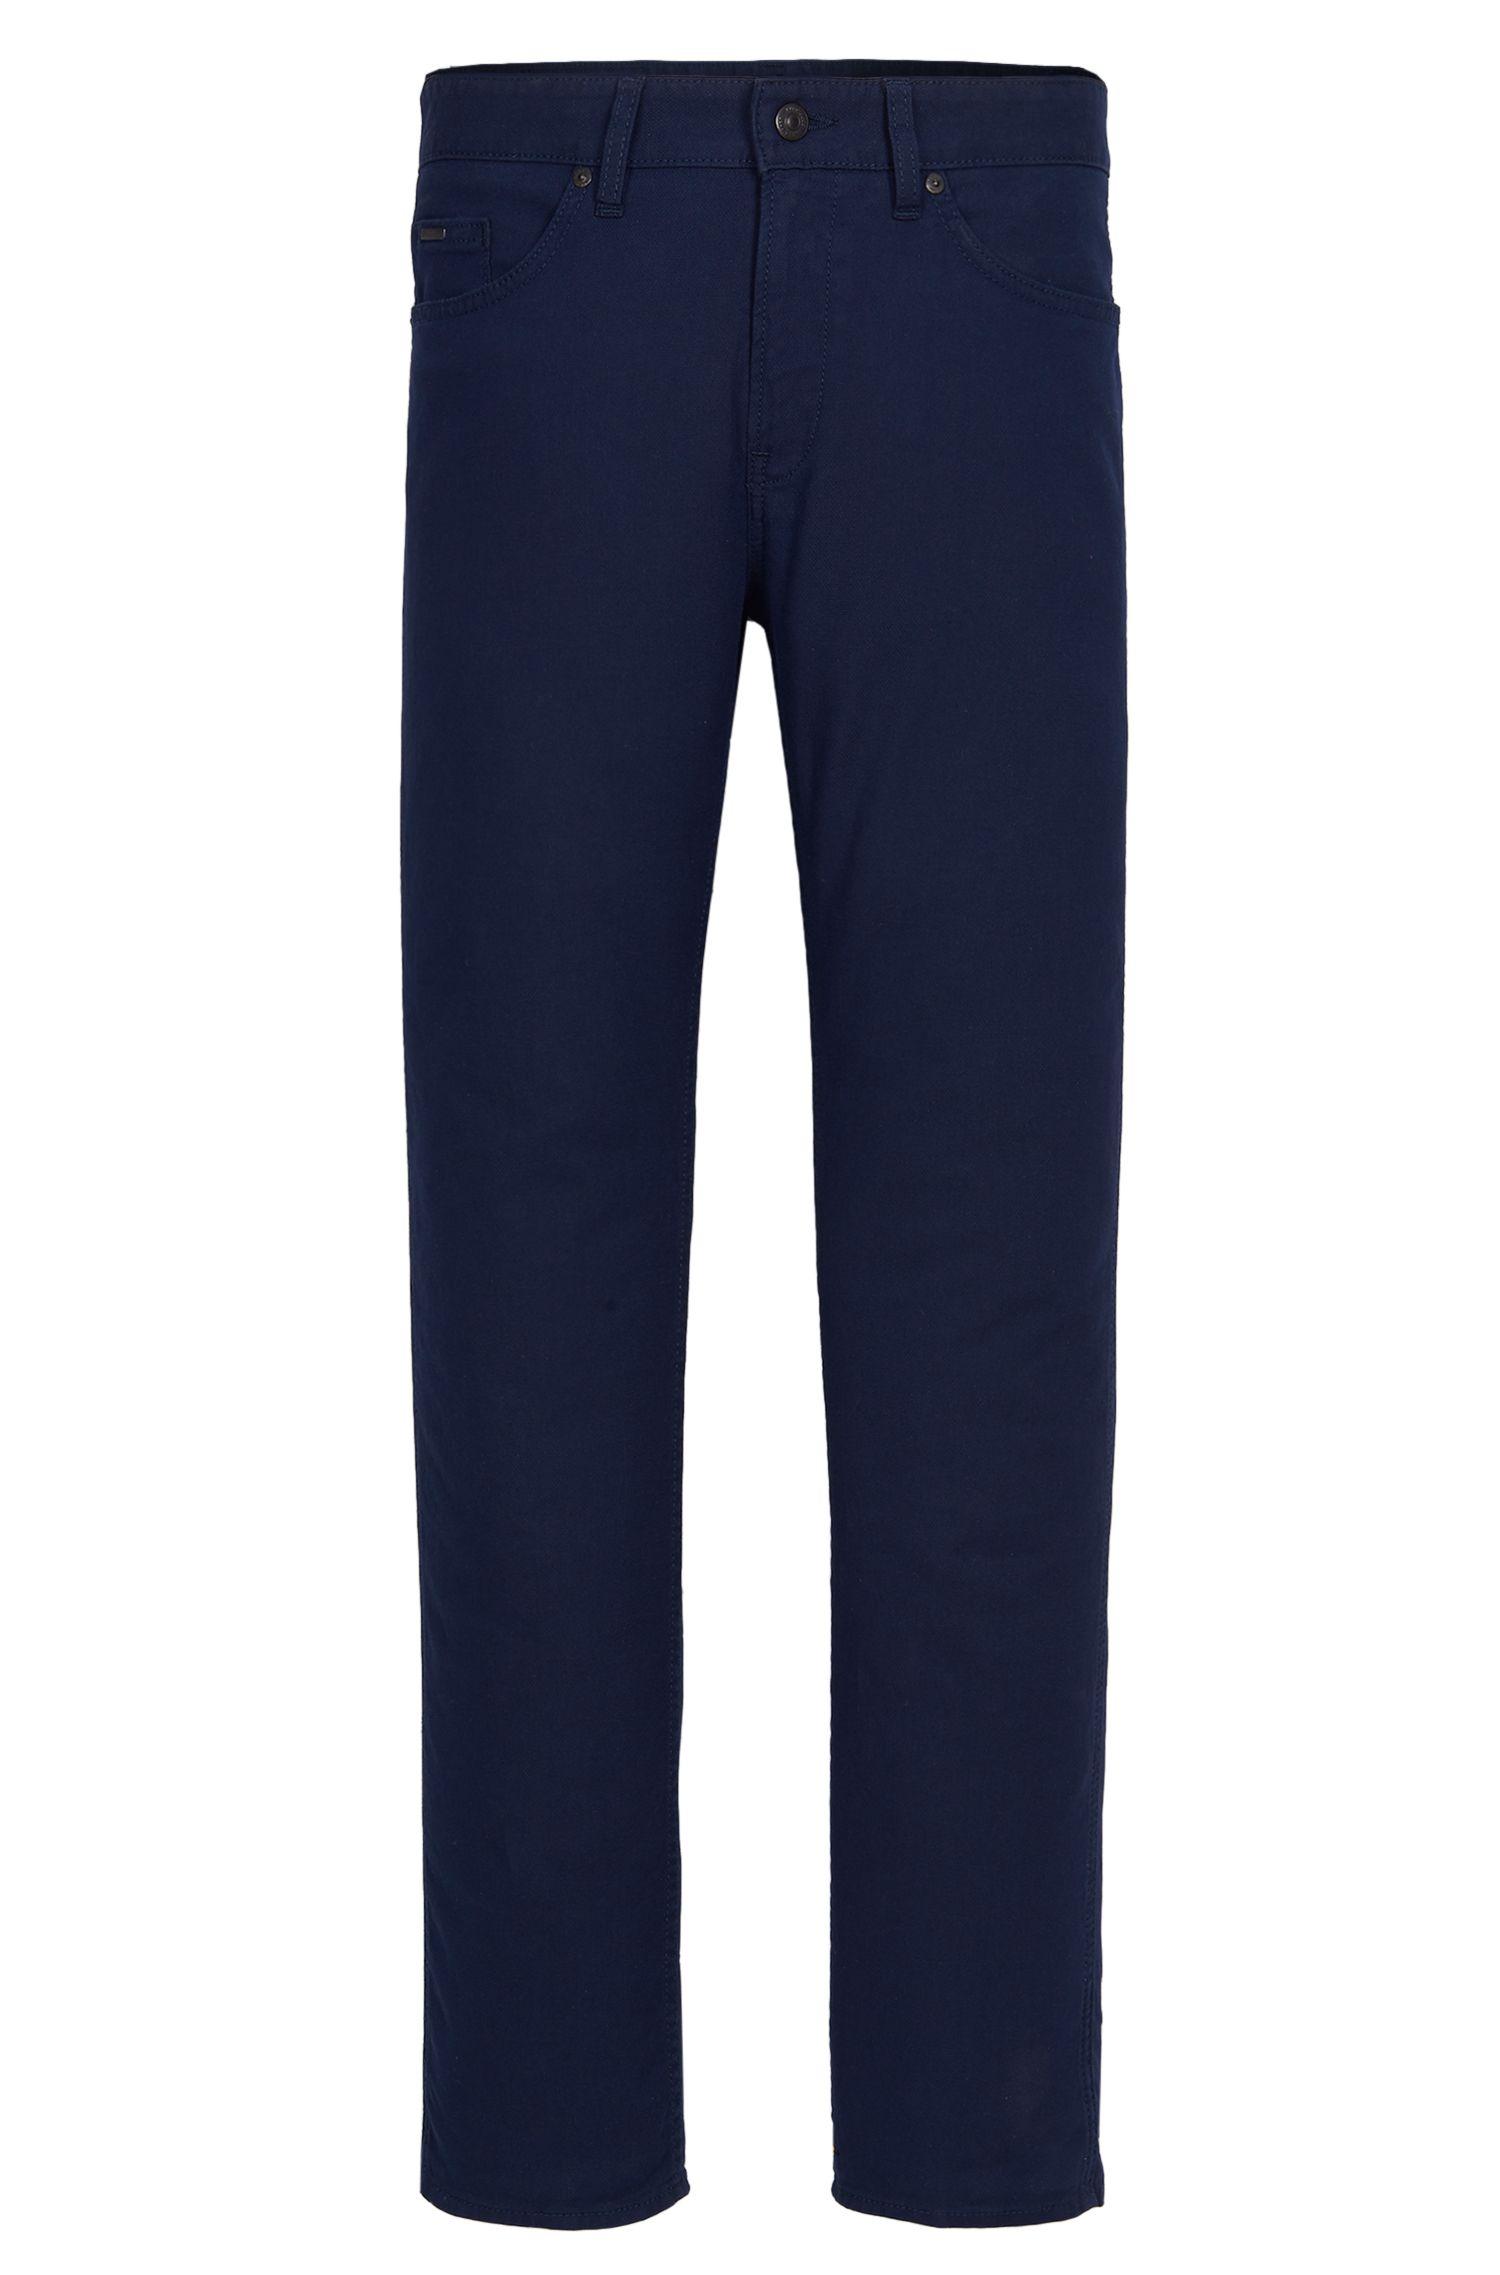 10 oz Stretch Cotton Pant, Slim Fit   Delaware